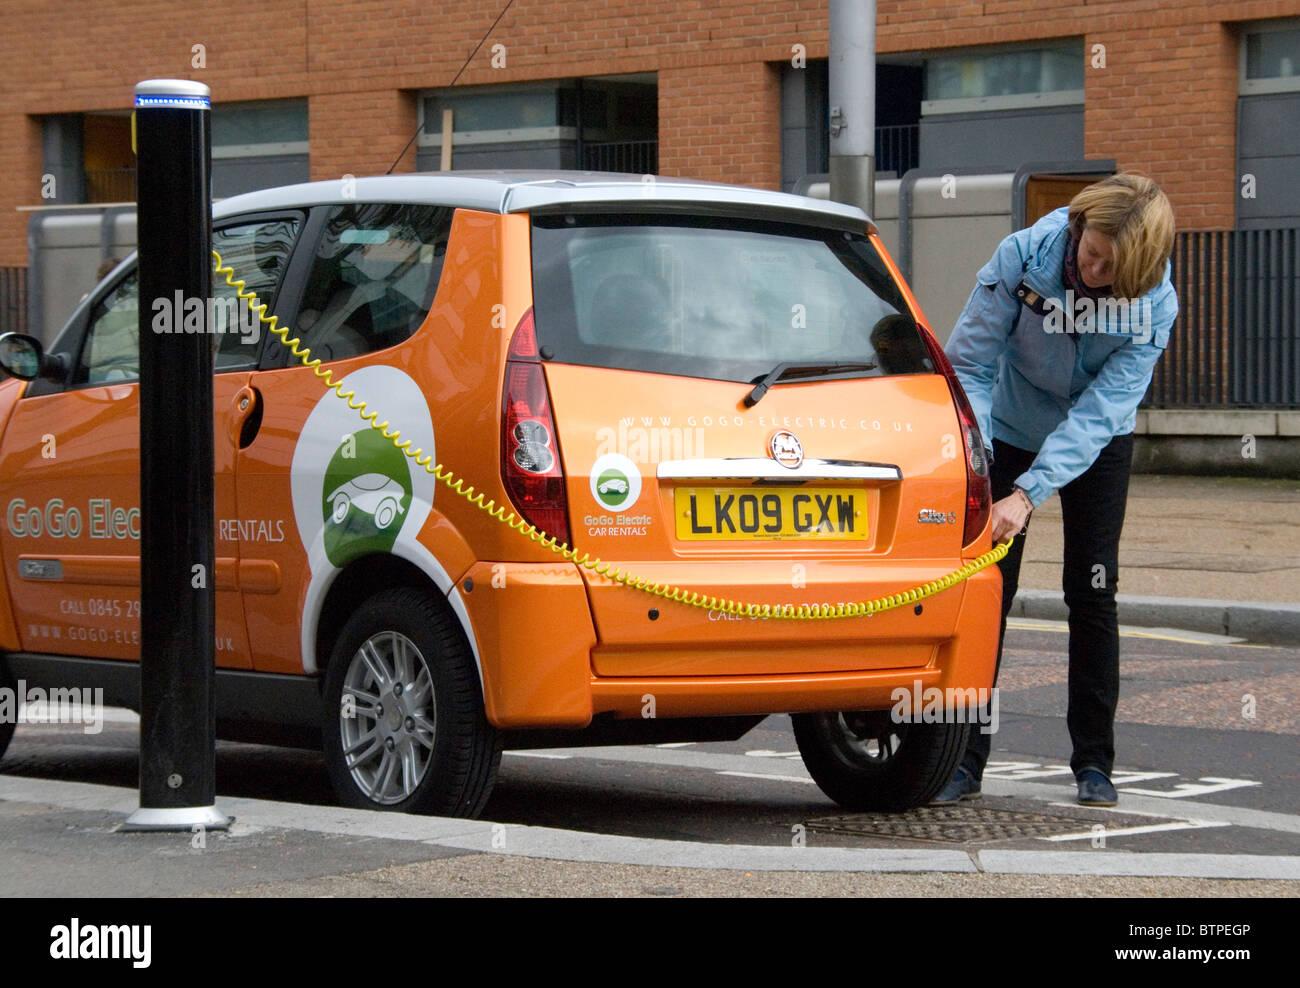 Femme de brancher en véhicule électrique EV EV gratuitement au parking Bay South Bank London UK GoGo locations Photo Stock